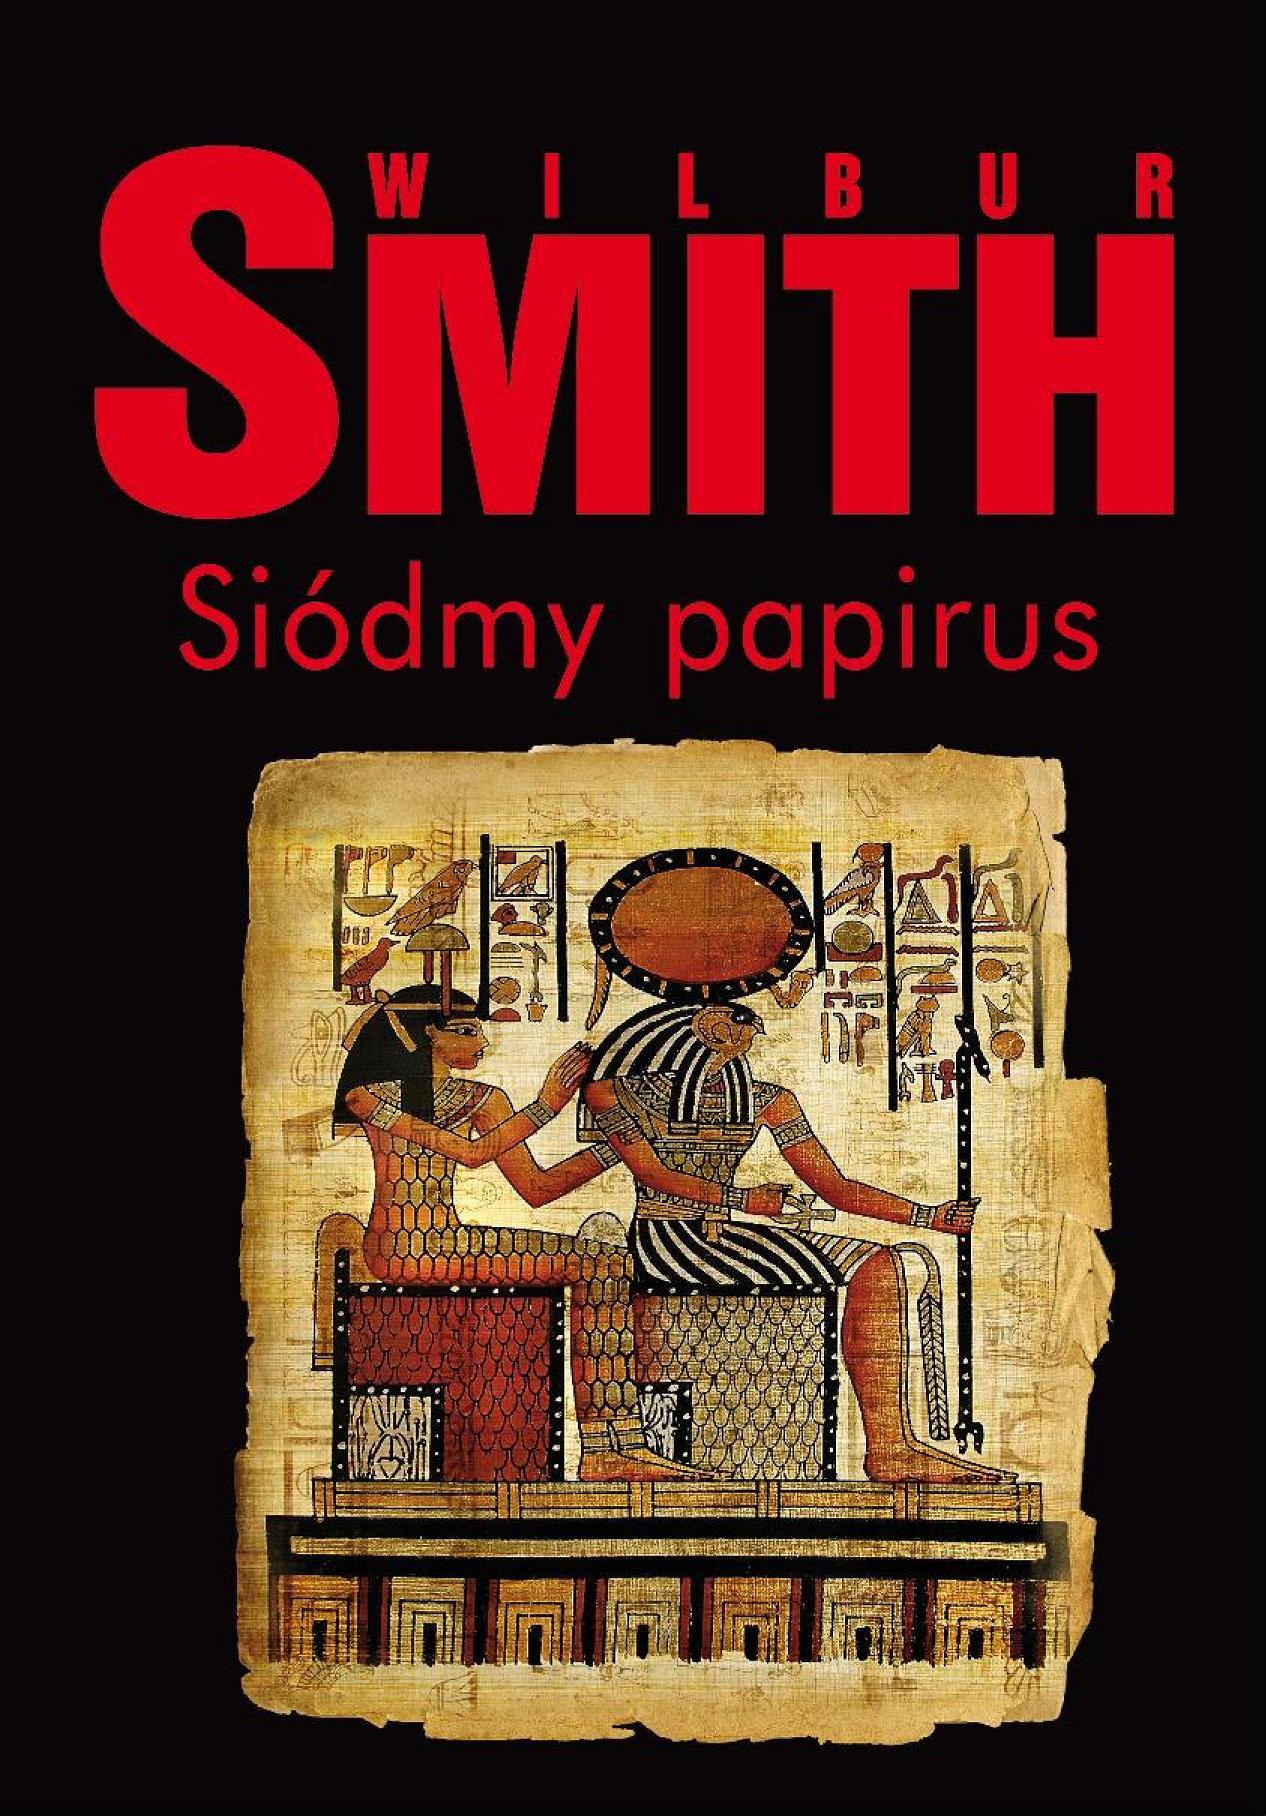 siodmy_papirus-albatros-ebook-cov